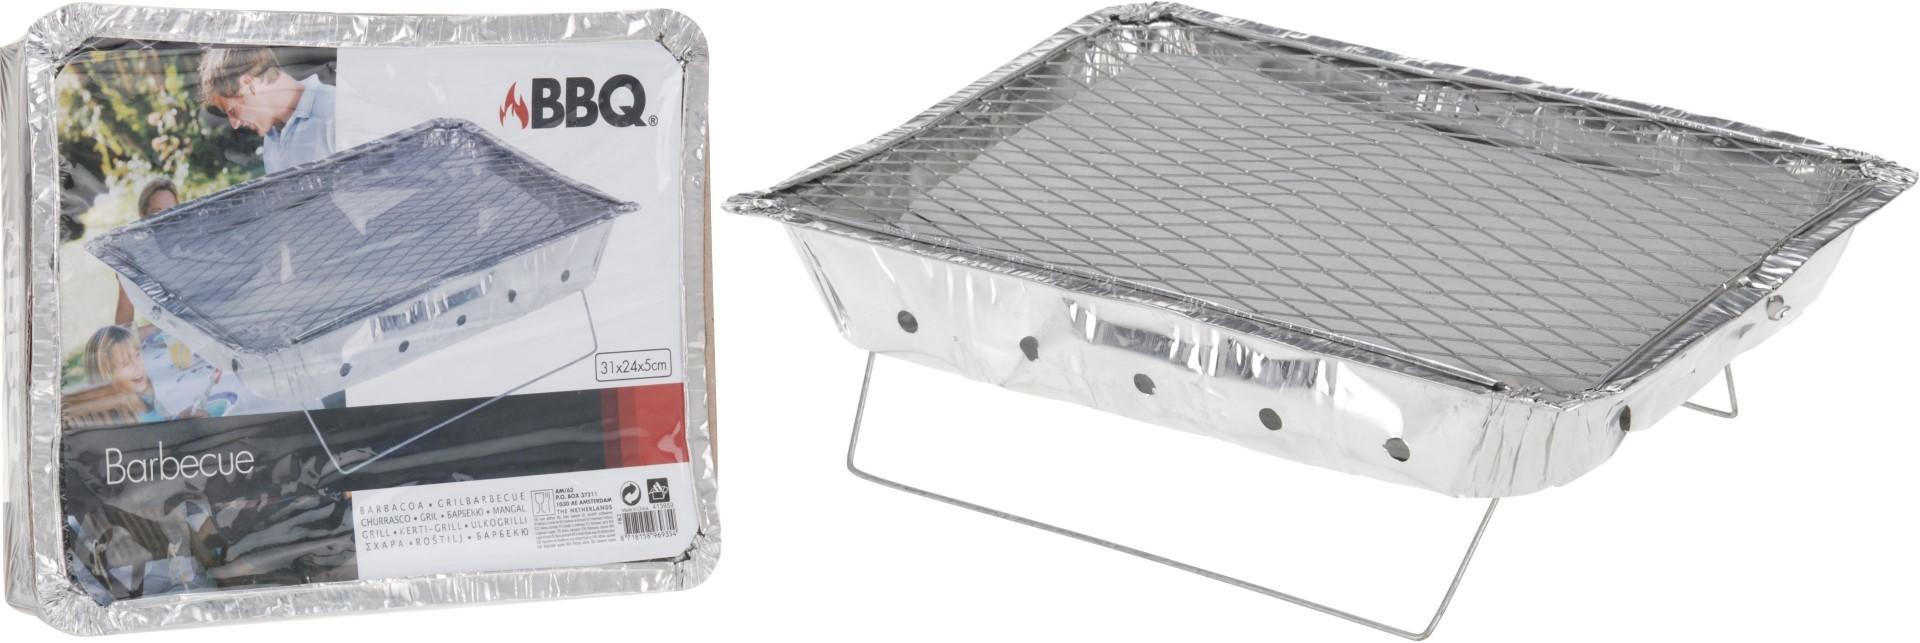 Bbq instant grill met kolen